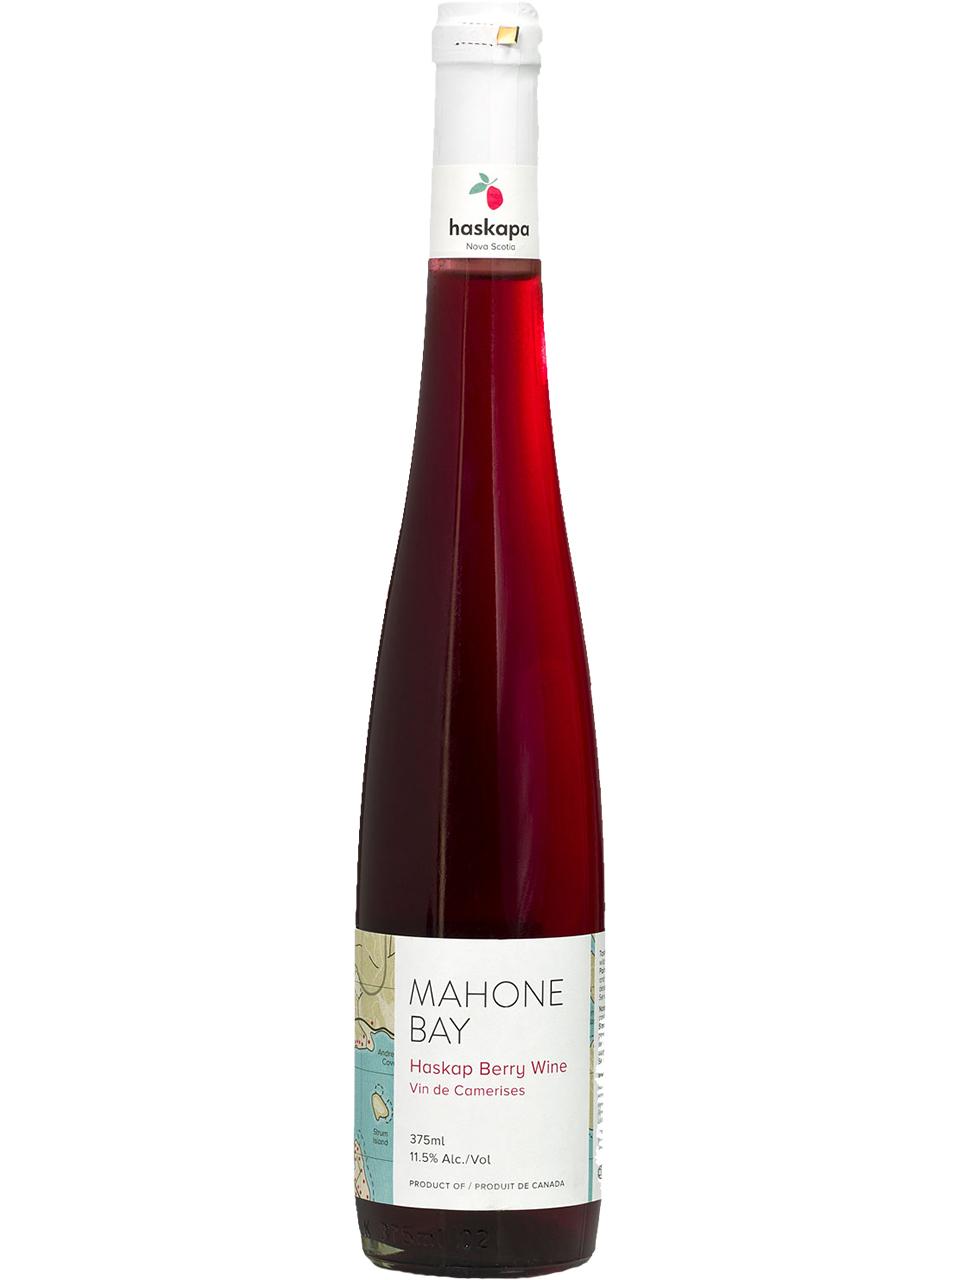 Haskap Berry Wine